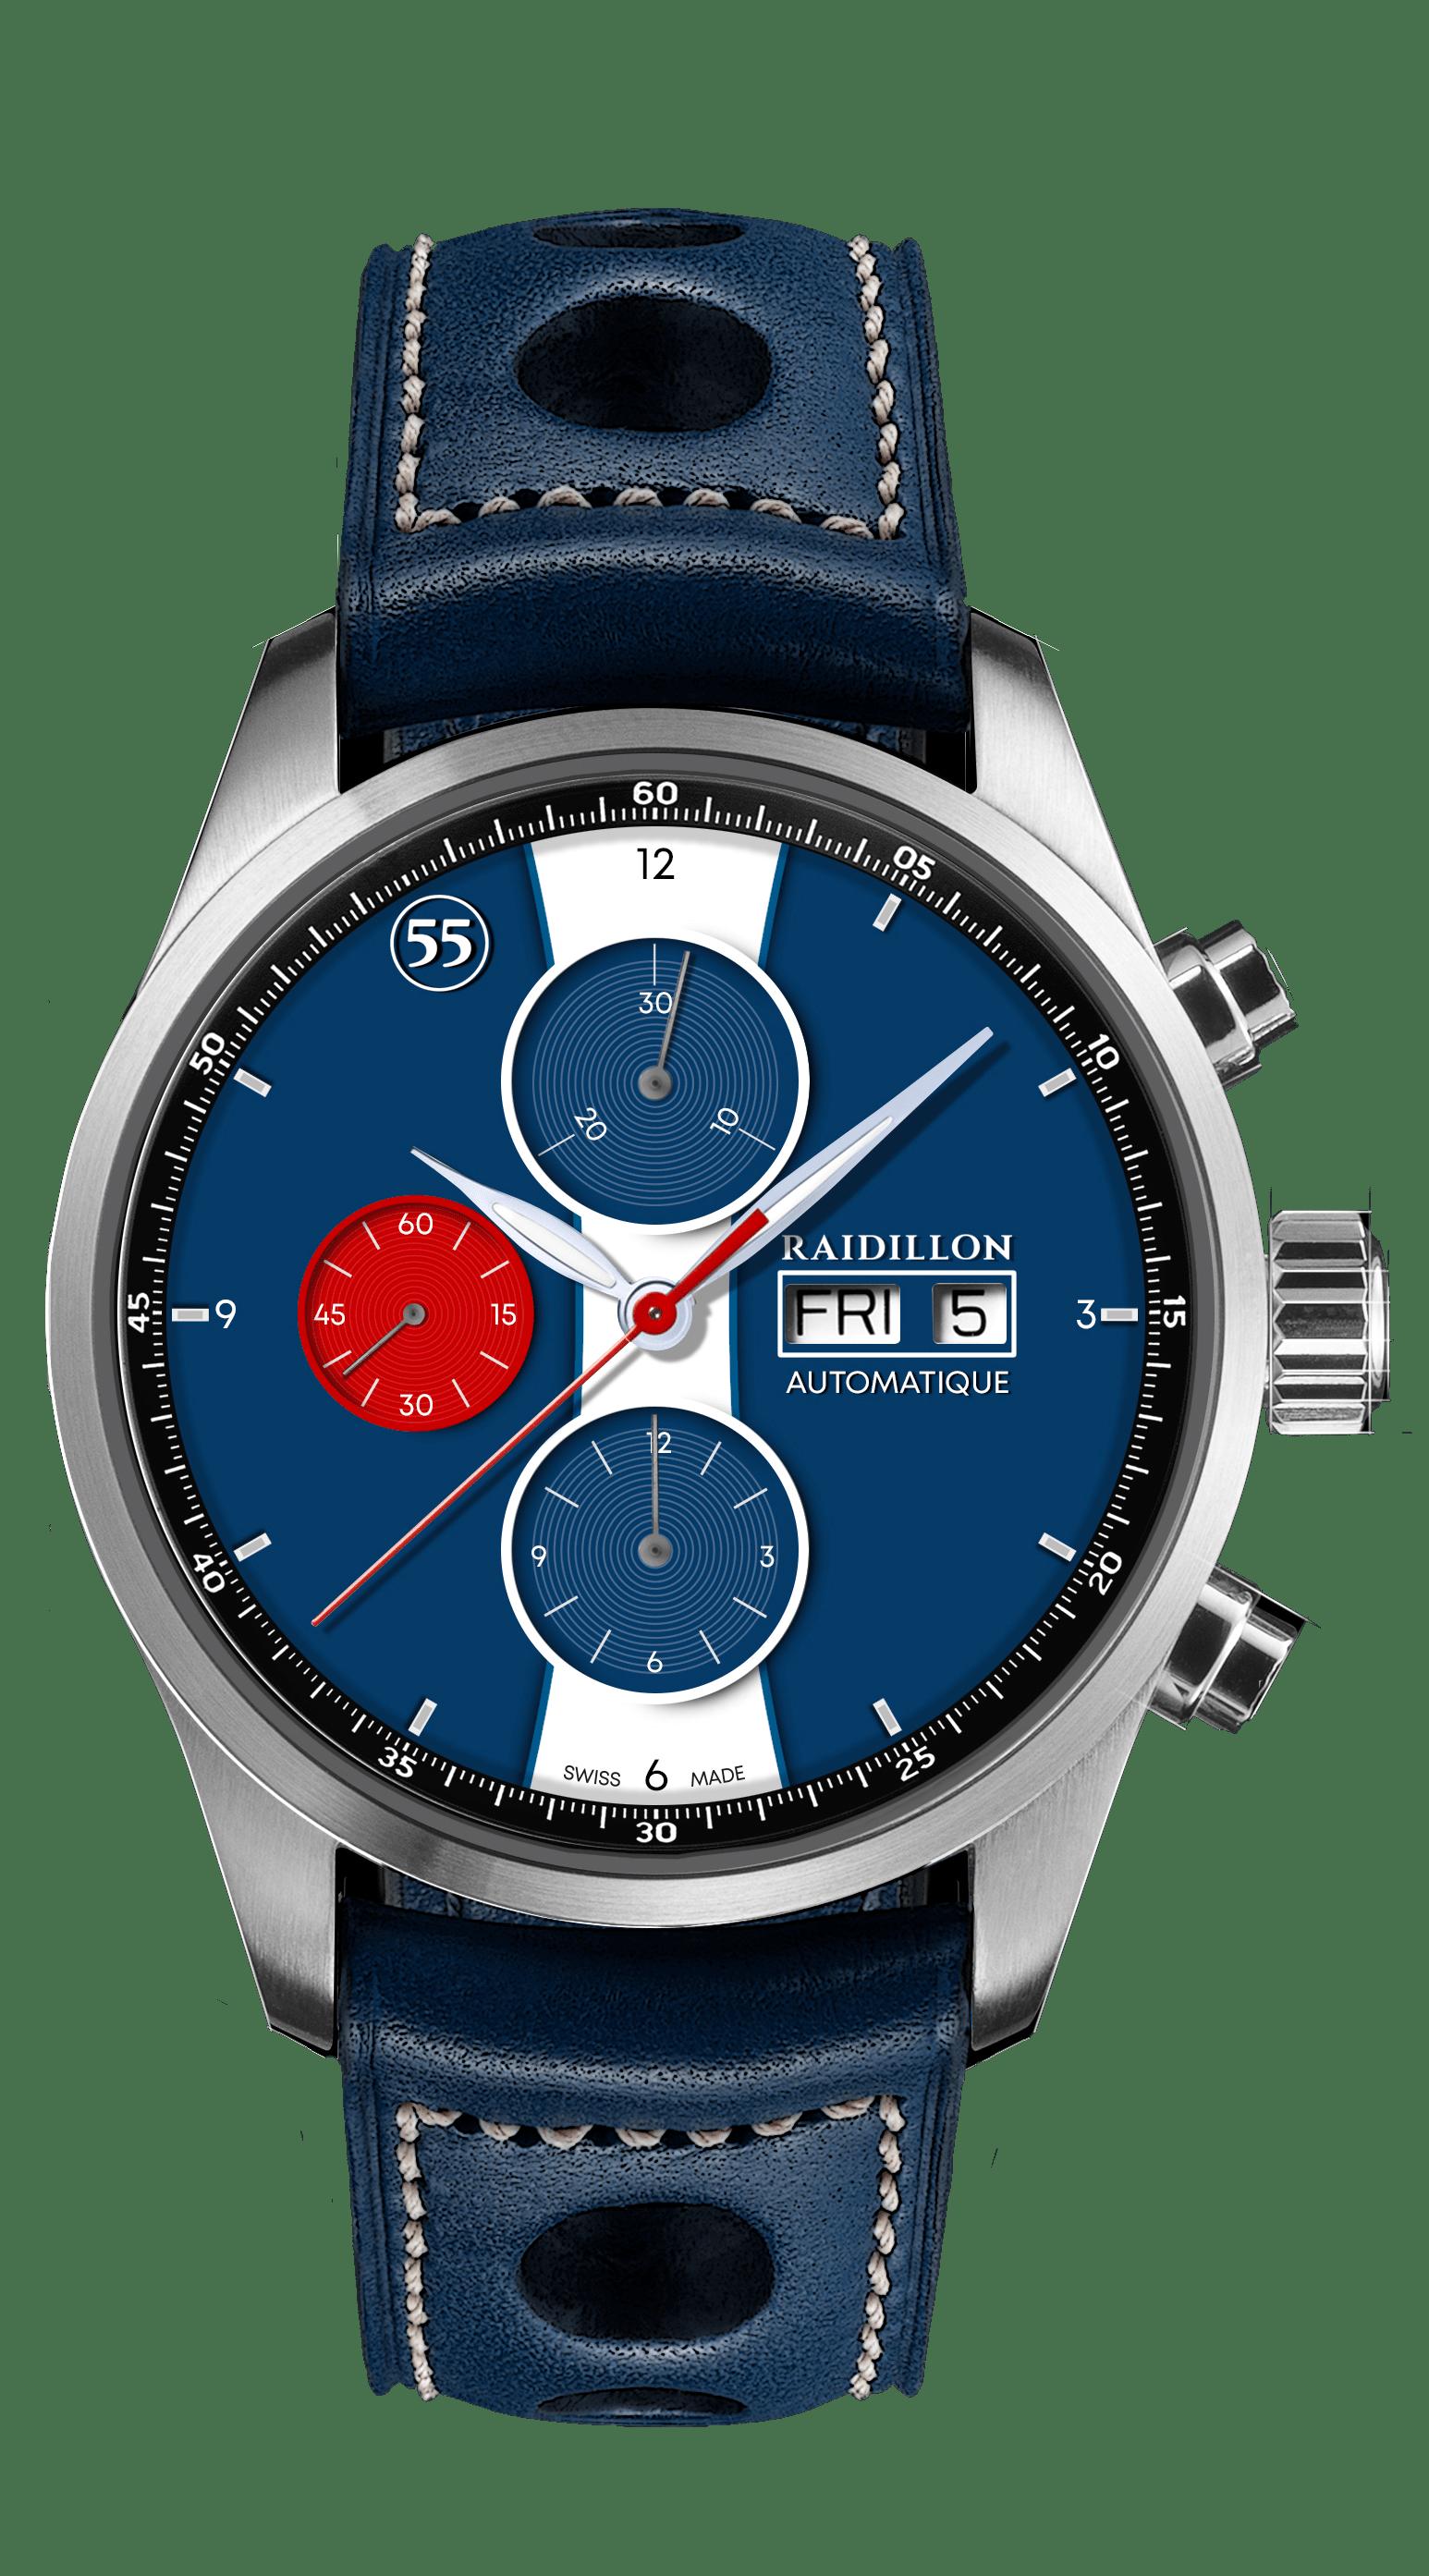 Nouveau tour de piste pour Raidillon avec la montre Jean-Pierre Beltoise